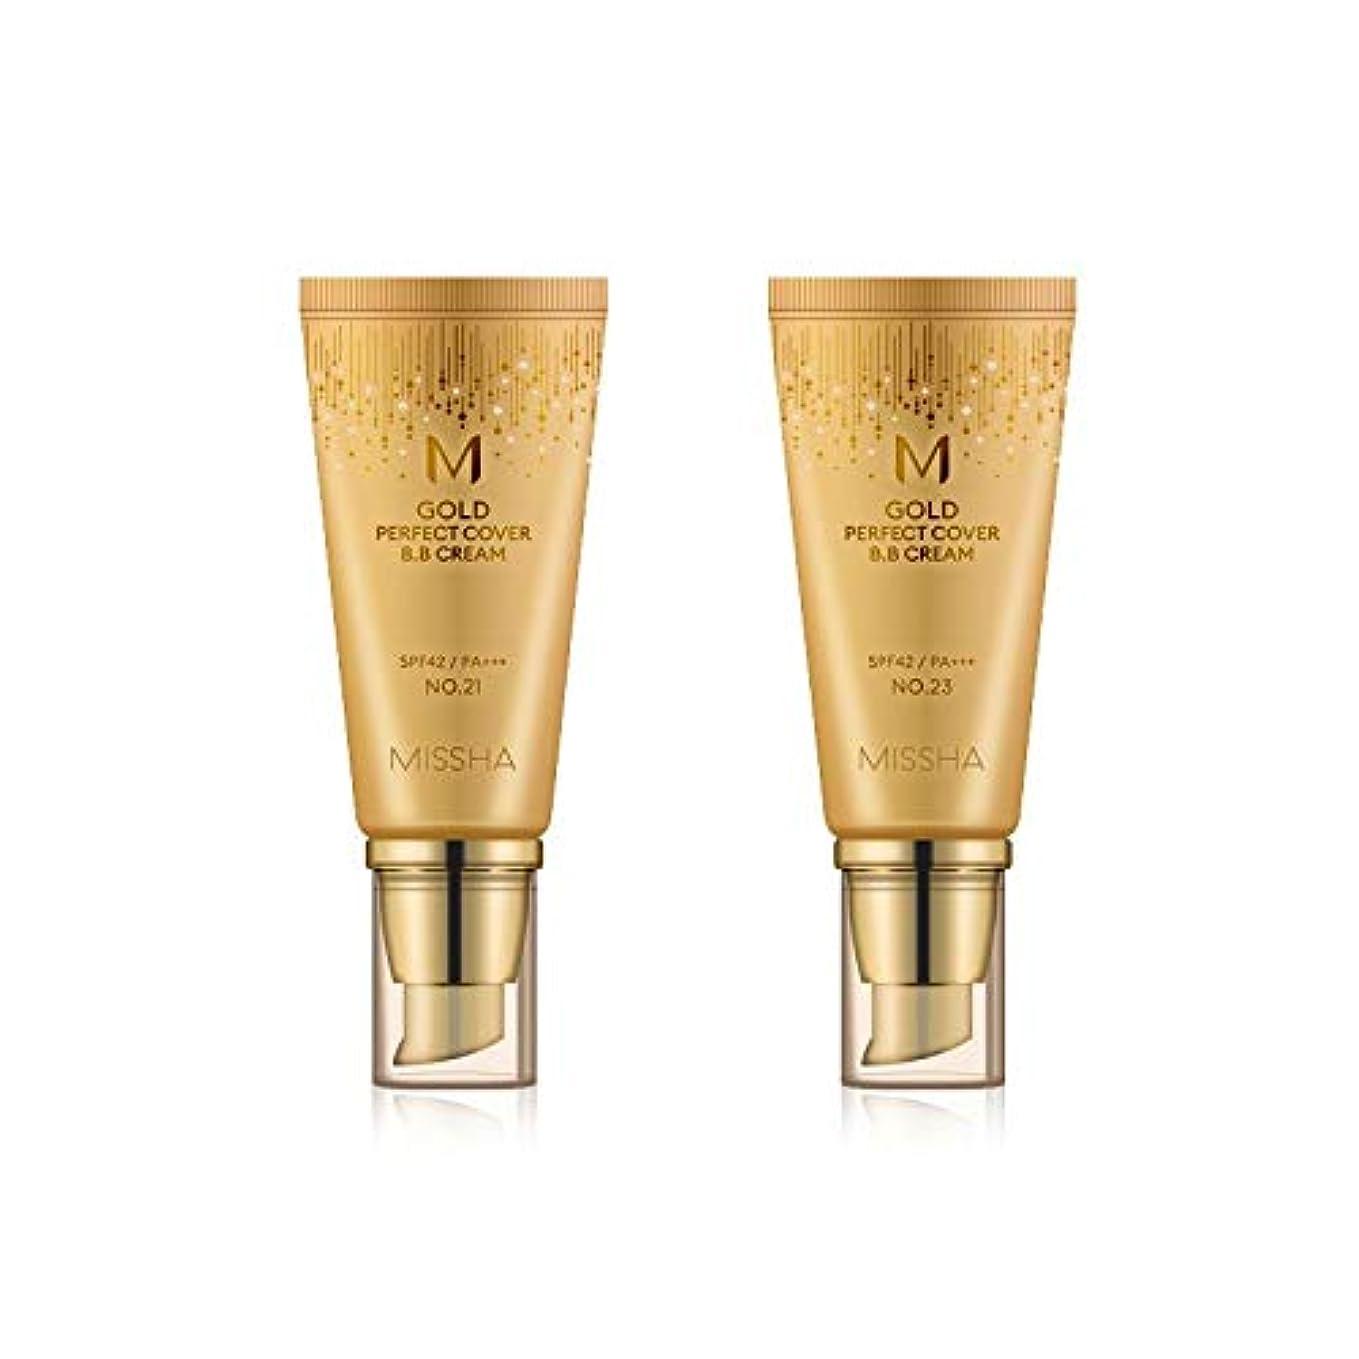 正規化飾り羽ノートMISSHA Gold Perfecte Cover BB Cream SPF42 PA+++ / ミシャ ゴールド パーフェクト カバー BBクリーム 50ml *NO.21 [並行輸入品]